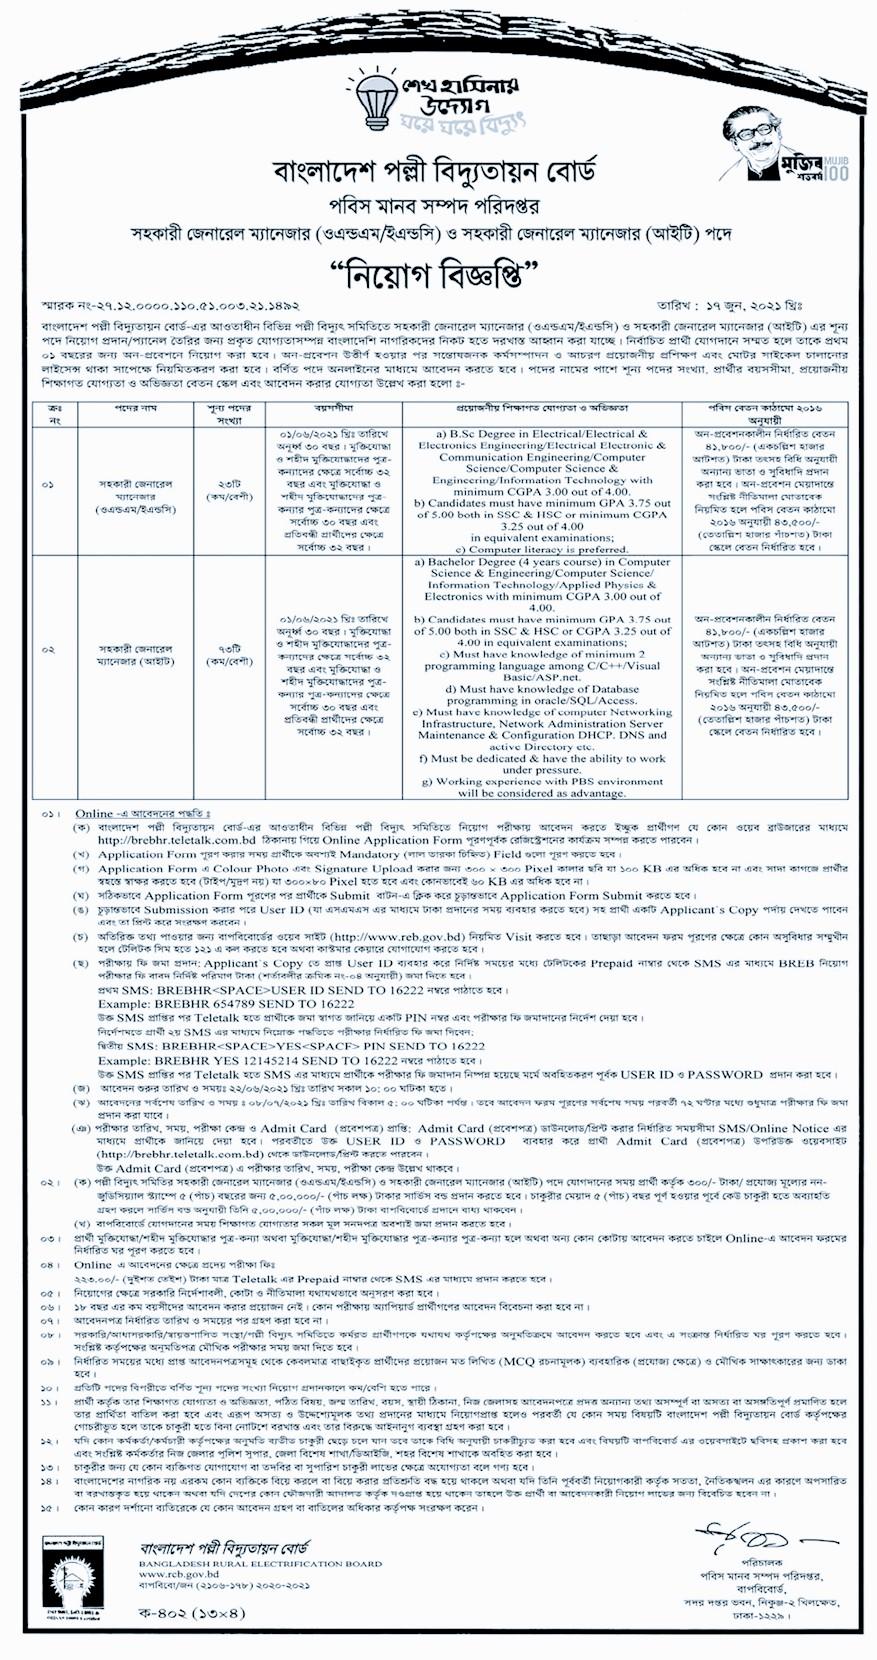 বাংলাদেশ পল্লী বিদ্যুতায়ন বোর্ড নিয়োগ বিজ্ঞপ্তি